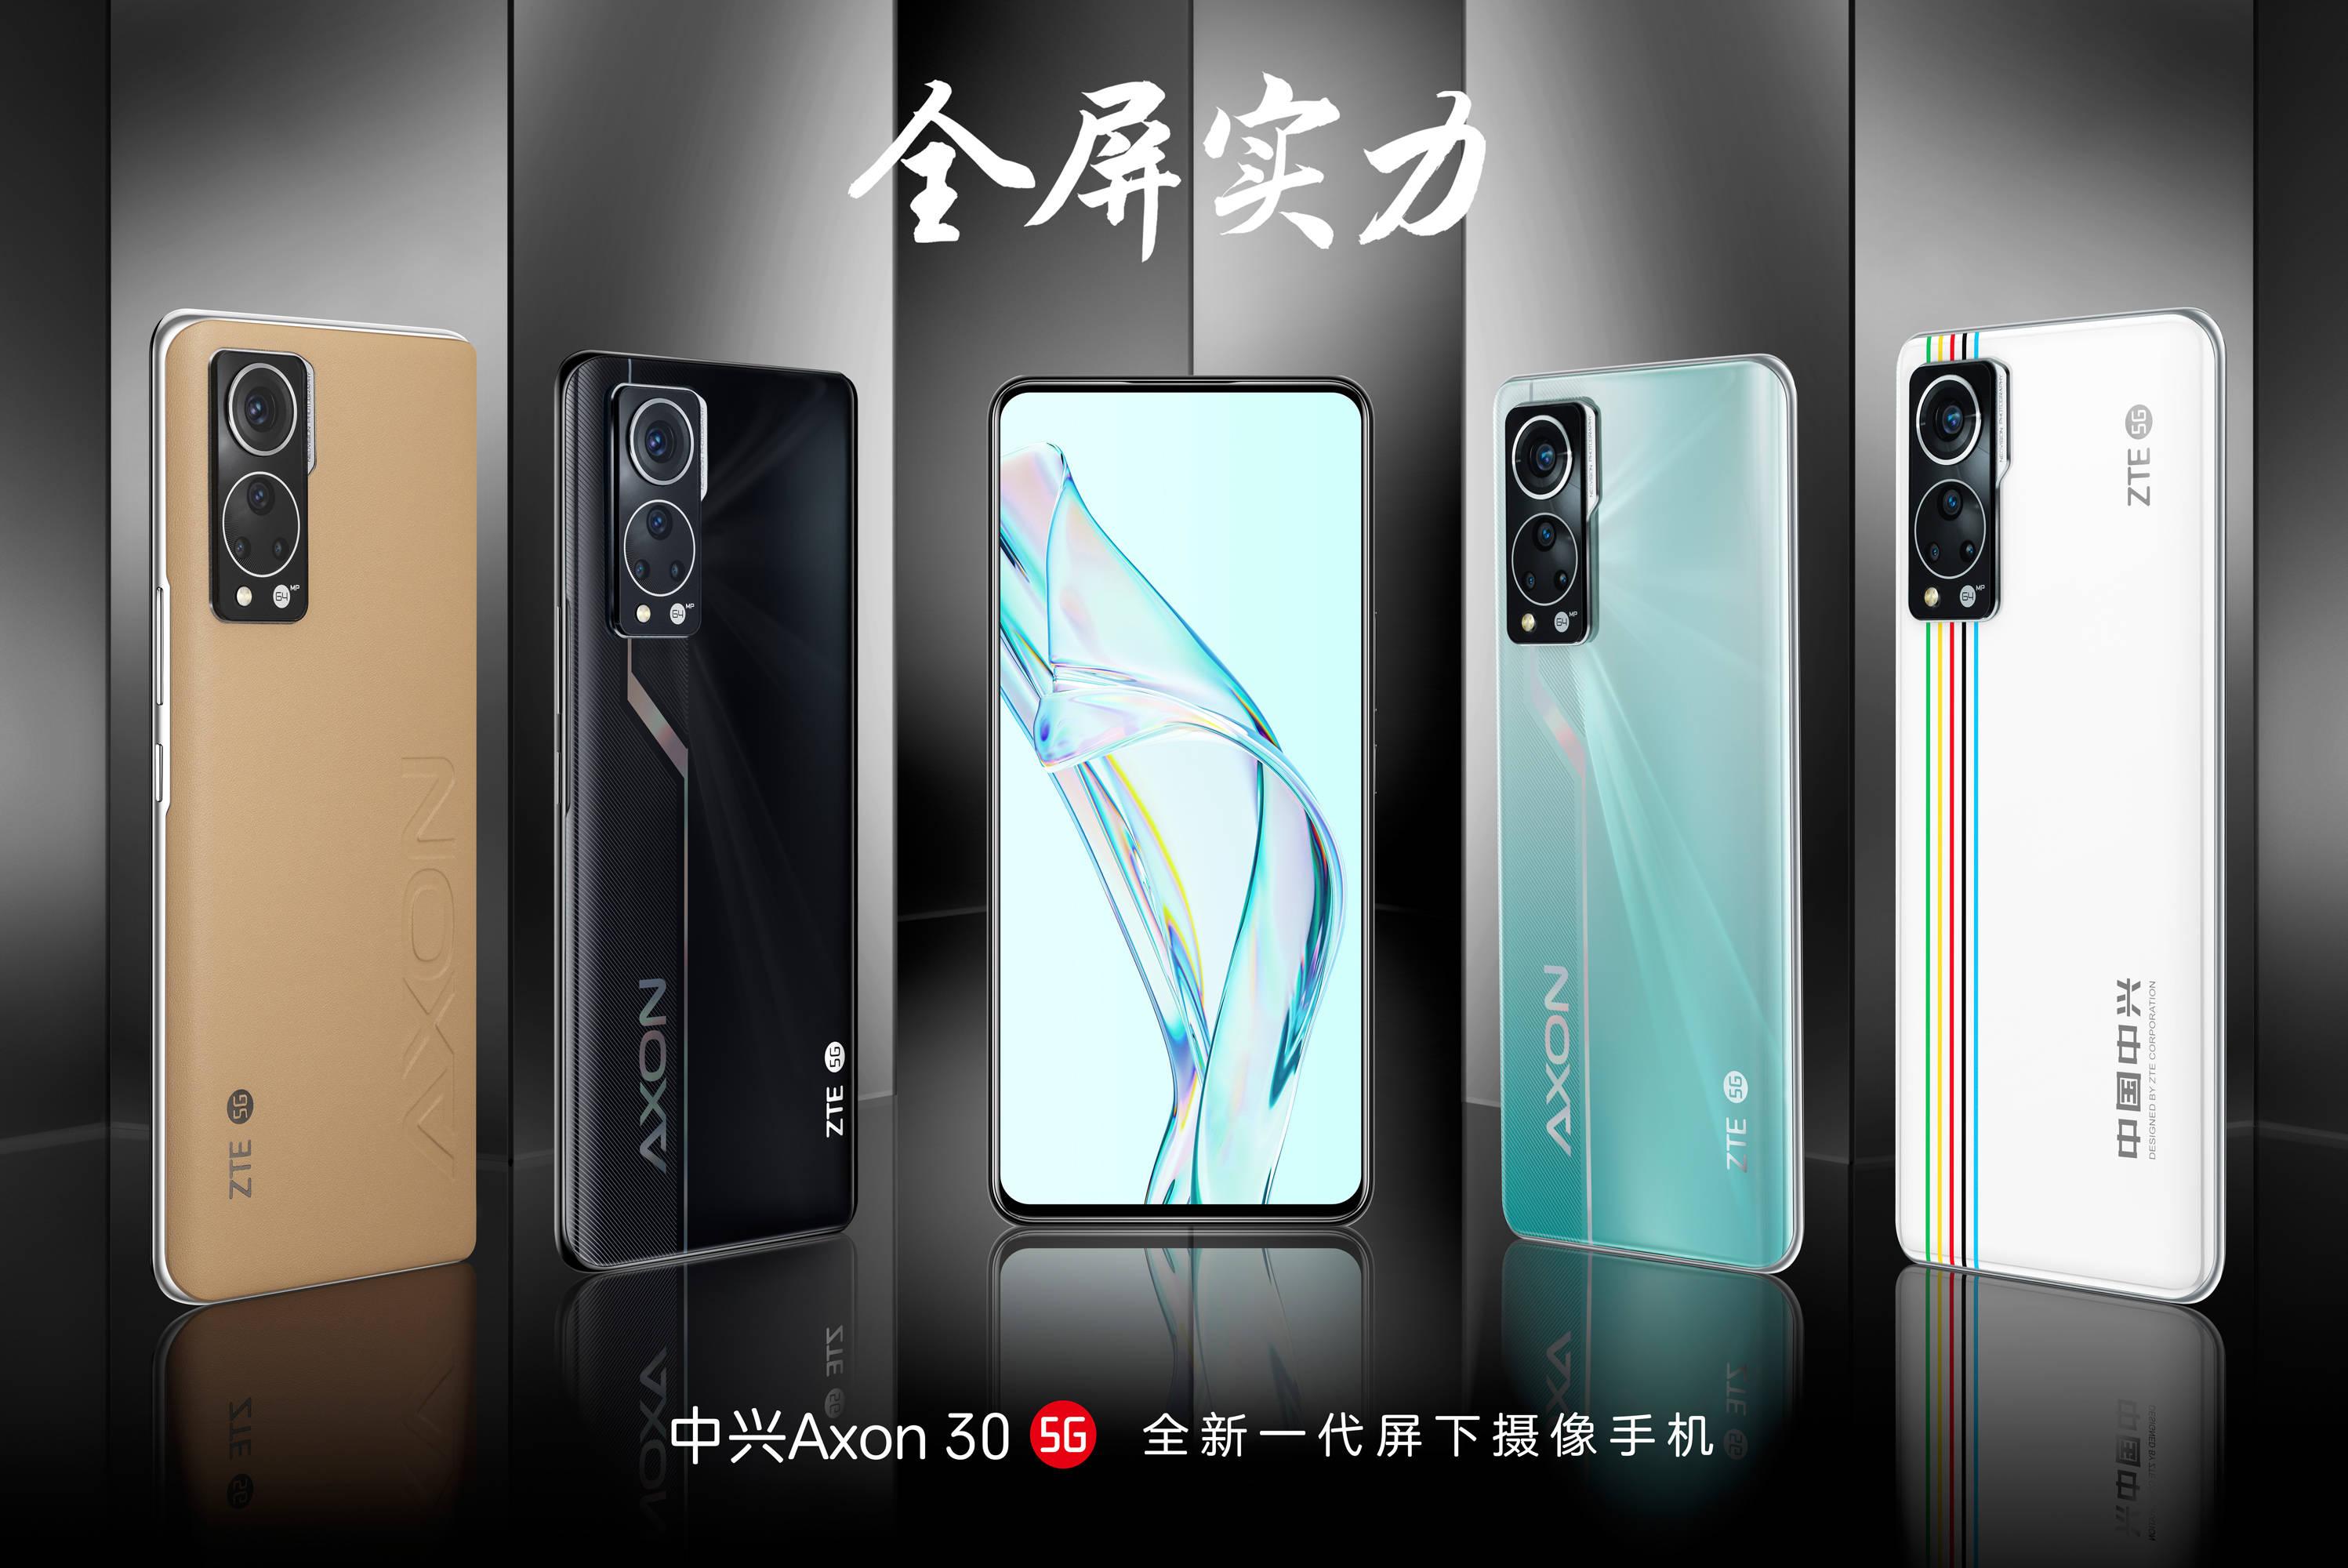 100%全面屏!中兴发布第二代屏下摄像手机Axon 30 5G